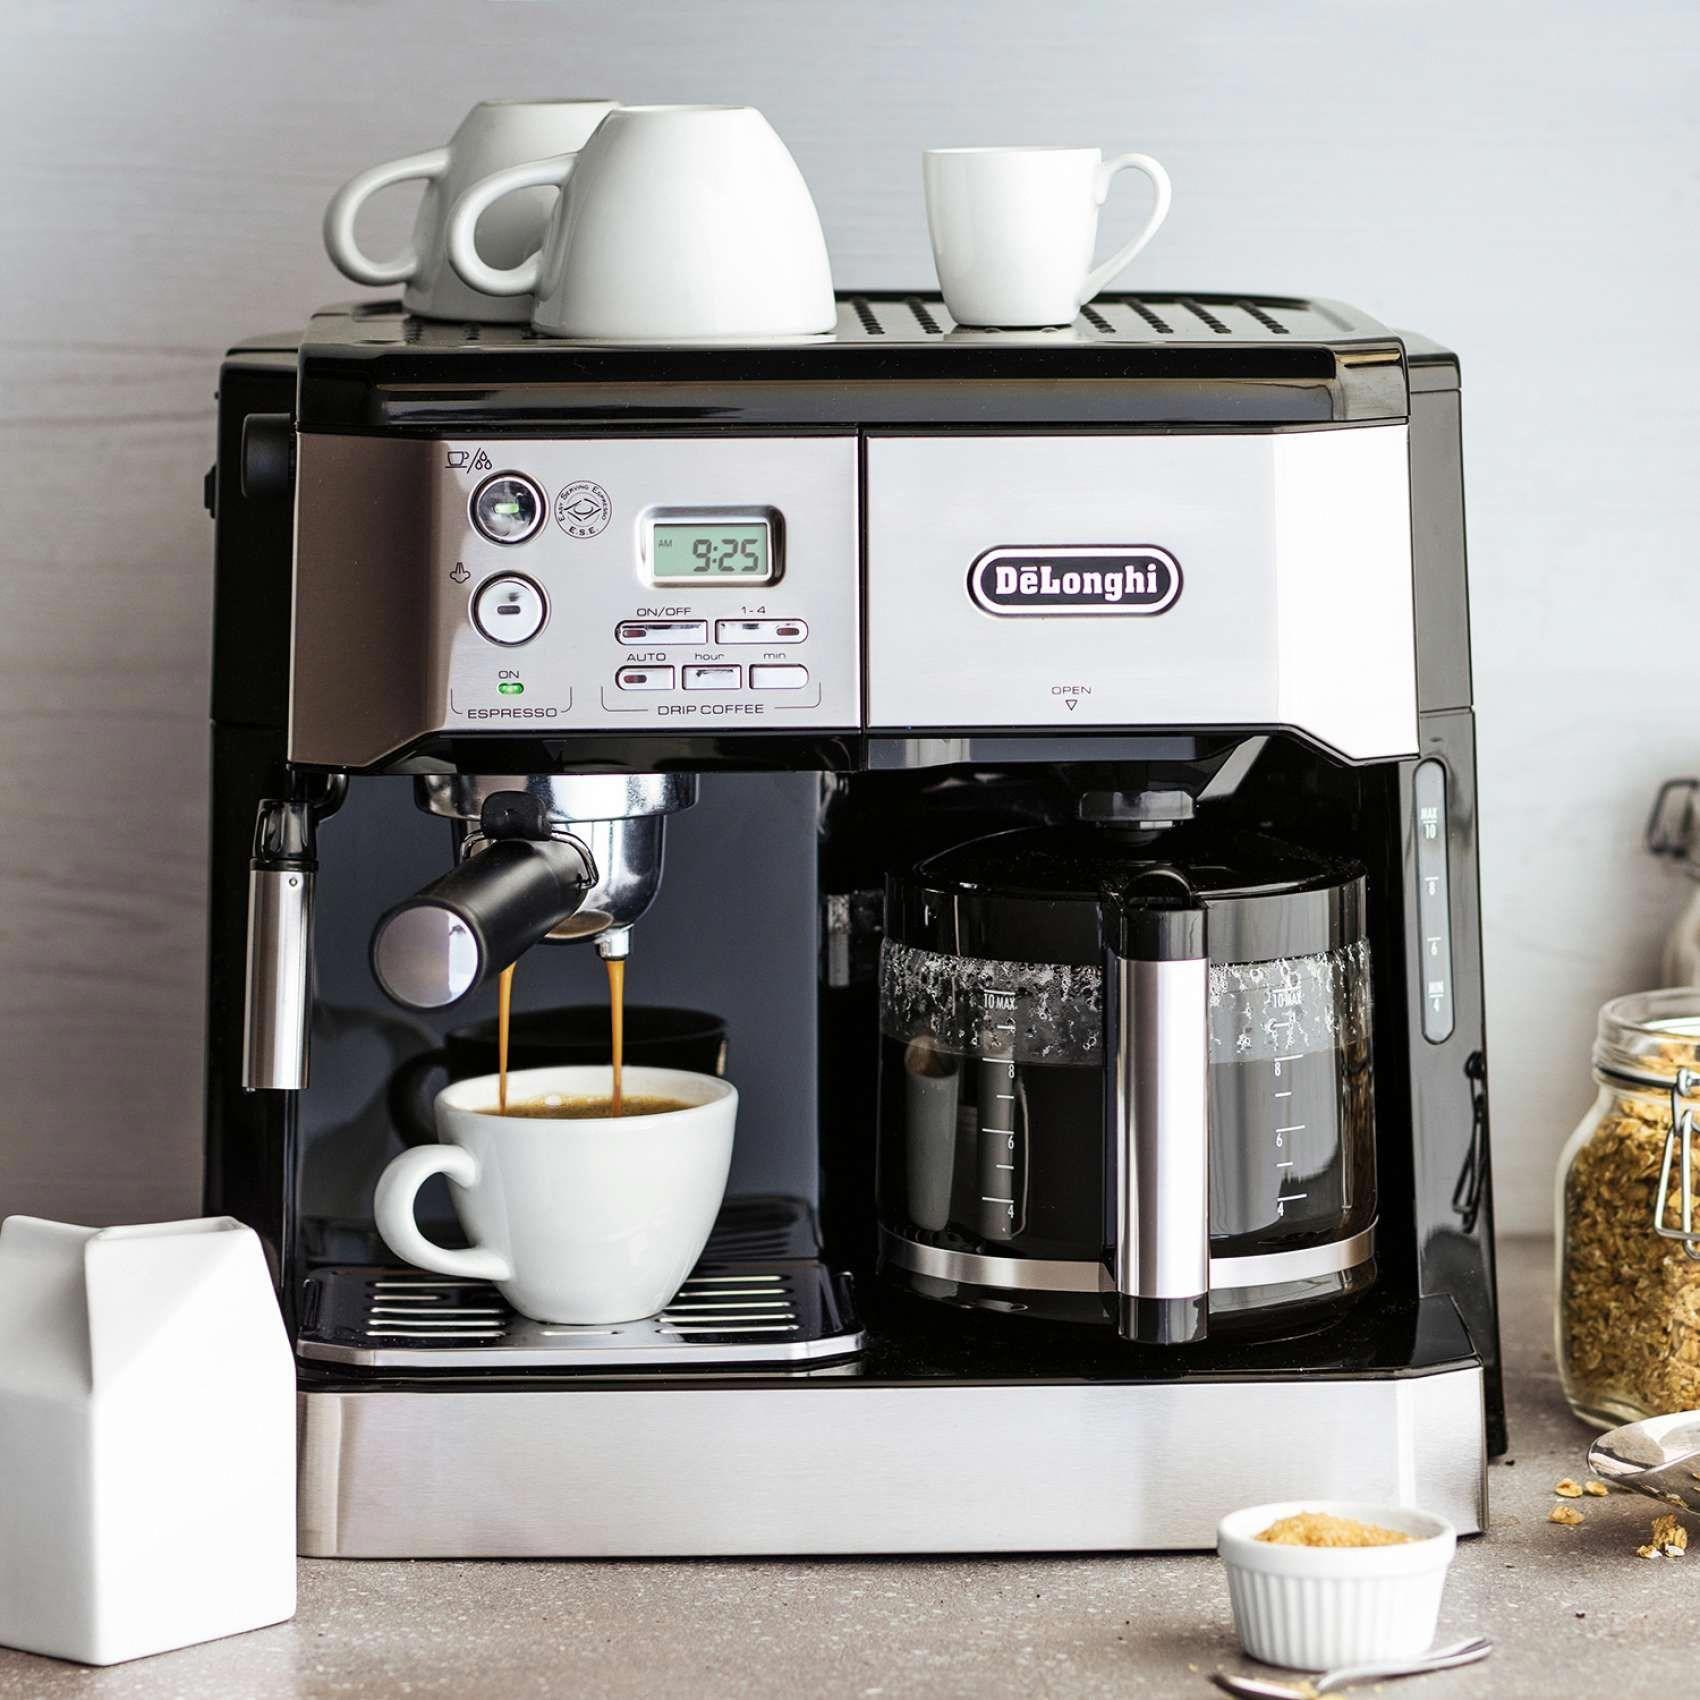 De'Longhi Combination Pump Espresso and 10Cup Drip Coffee